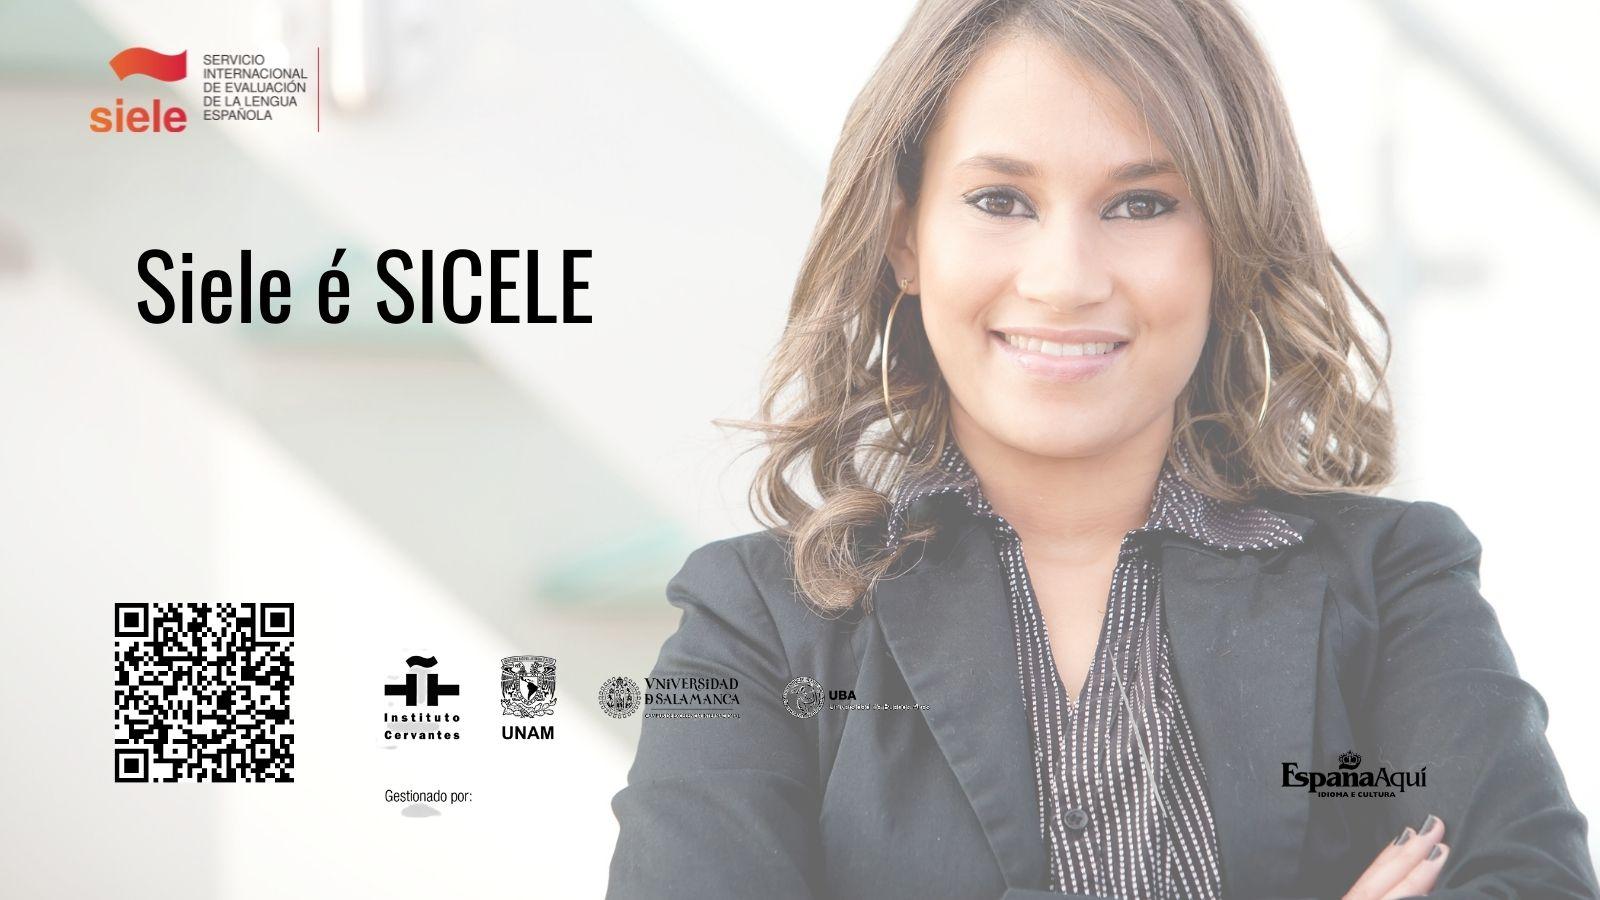 http://www.espanaaqui.com.br/pdf/maio2021/Siele%20%c3%a9%20siscele%20(2).jpg